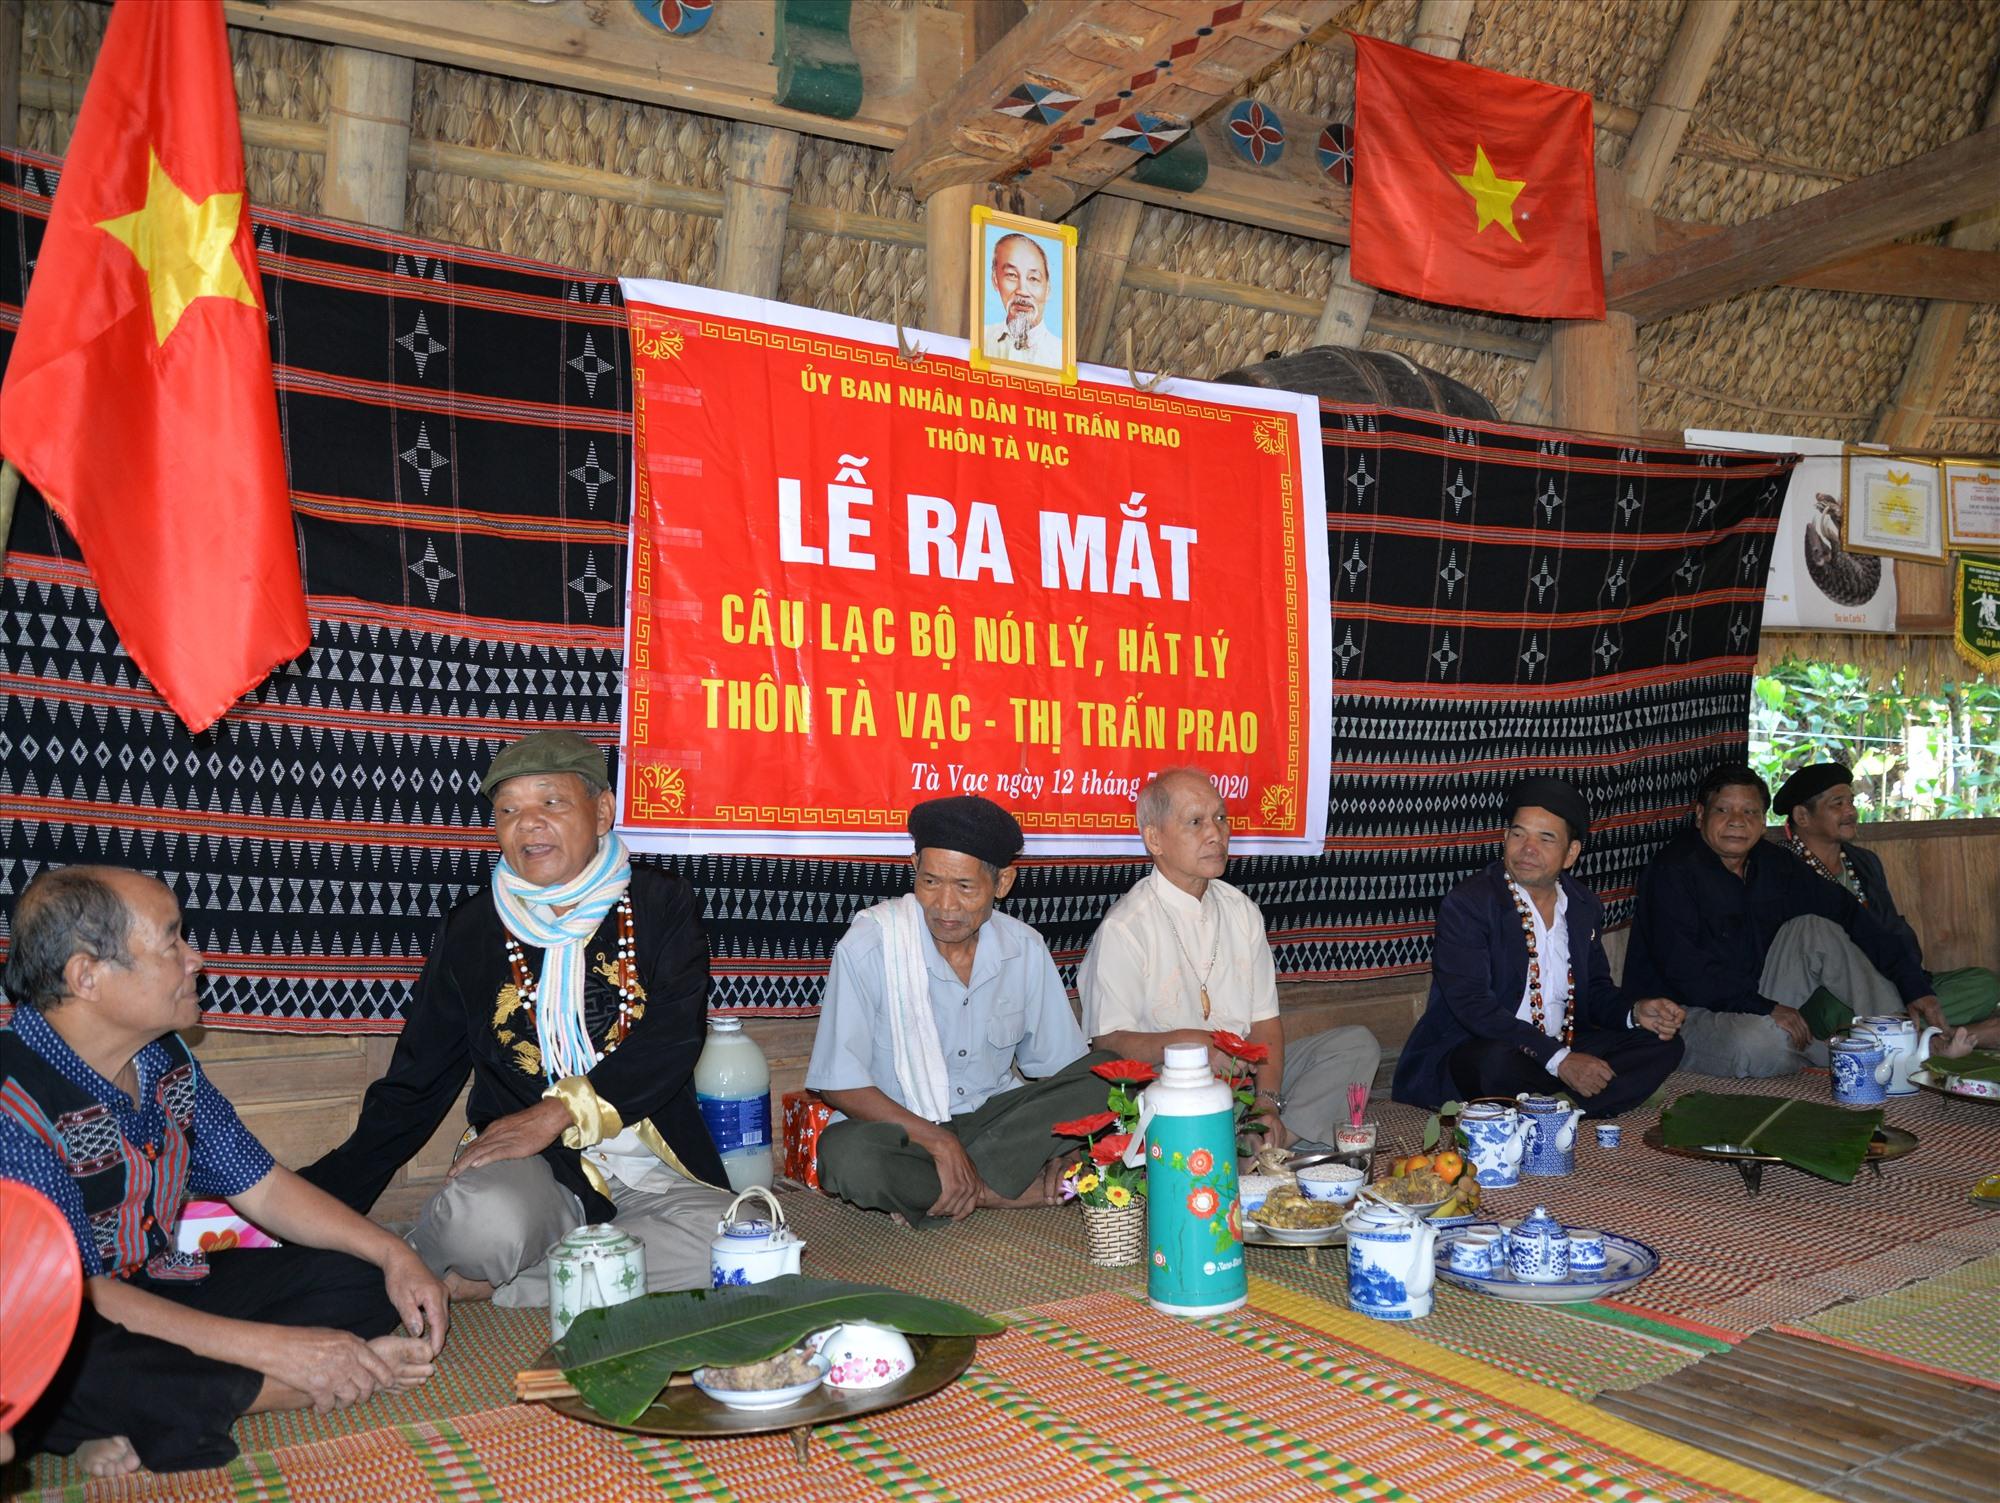 Các già làng hát lý trong ngày ra mắt CLB nói lý - hát lý thôn Tà Vạc (thị trấn P'rao). Ảnh: ĐĂNG NGUYÊN